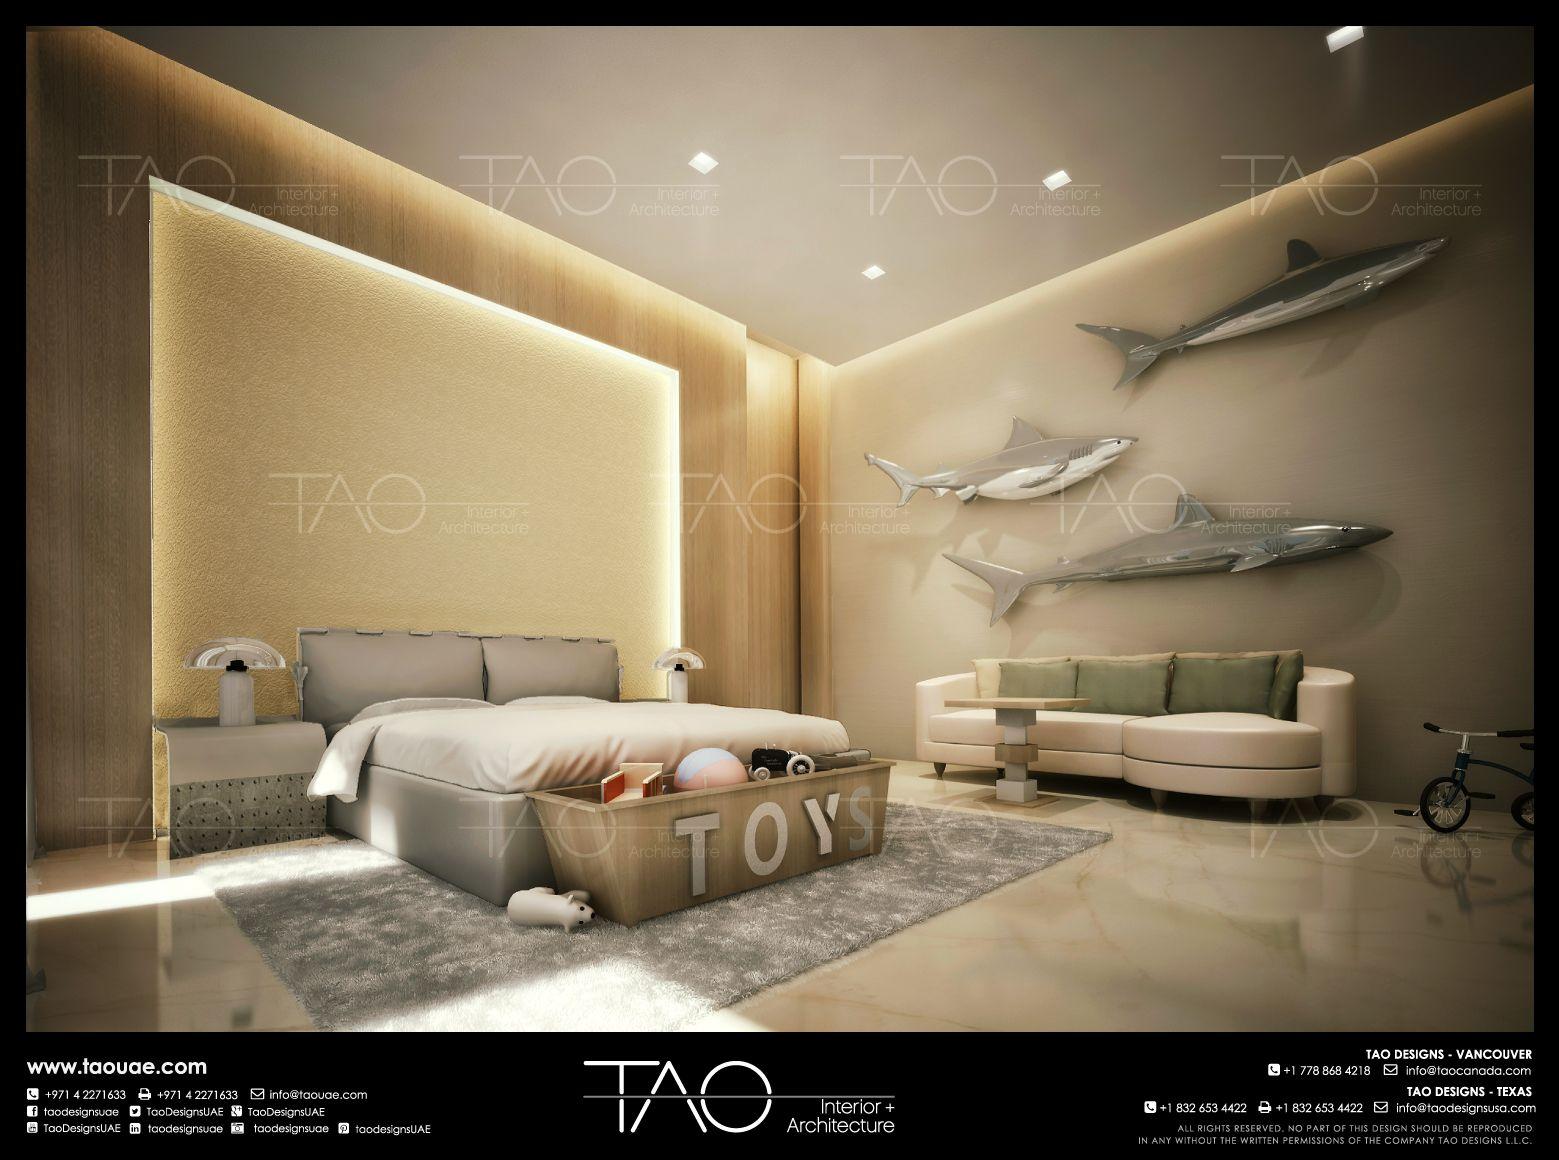 Private villa boys bedroom interior in dubai uae by for Living room ideas dubai